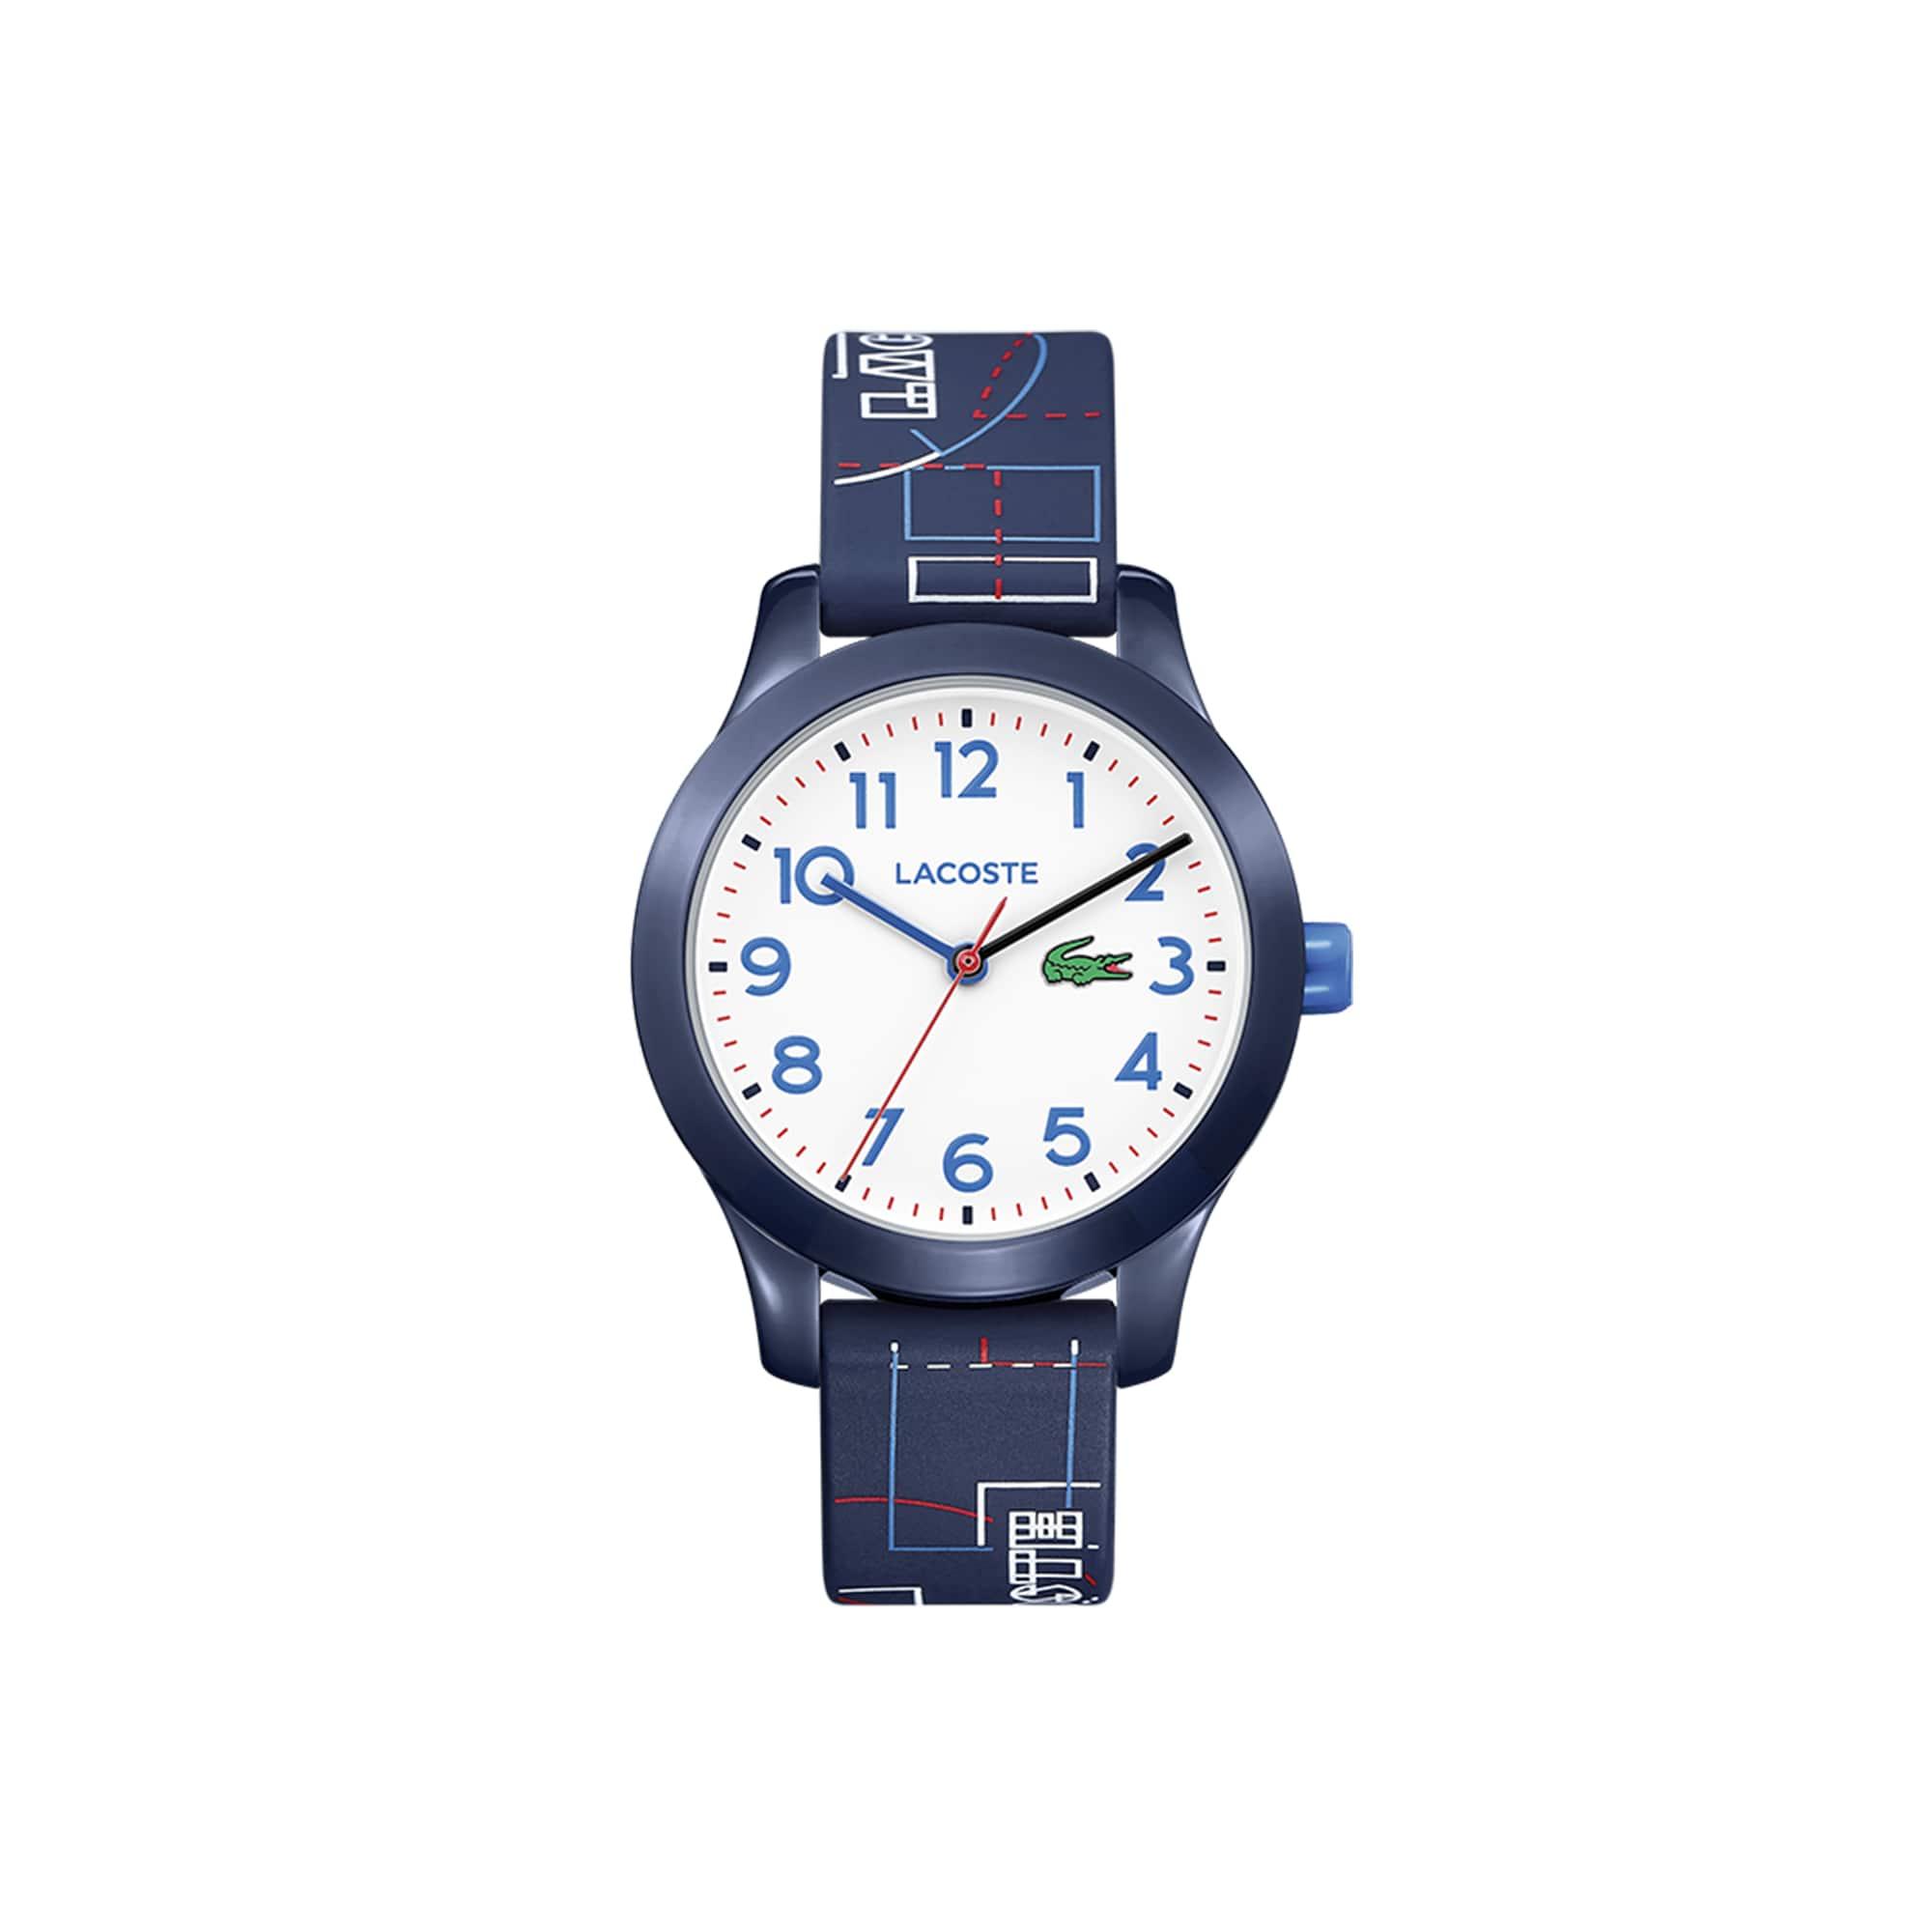 Montre Enfant Lacoste12.12 avec Bracelet Bleu en Silicone